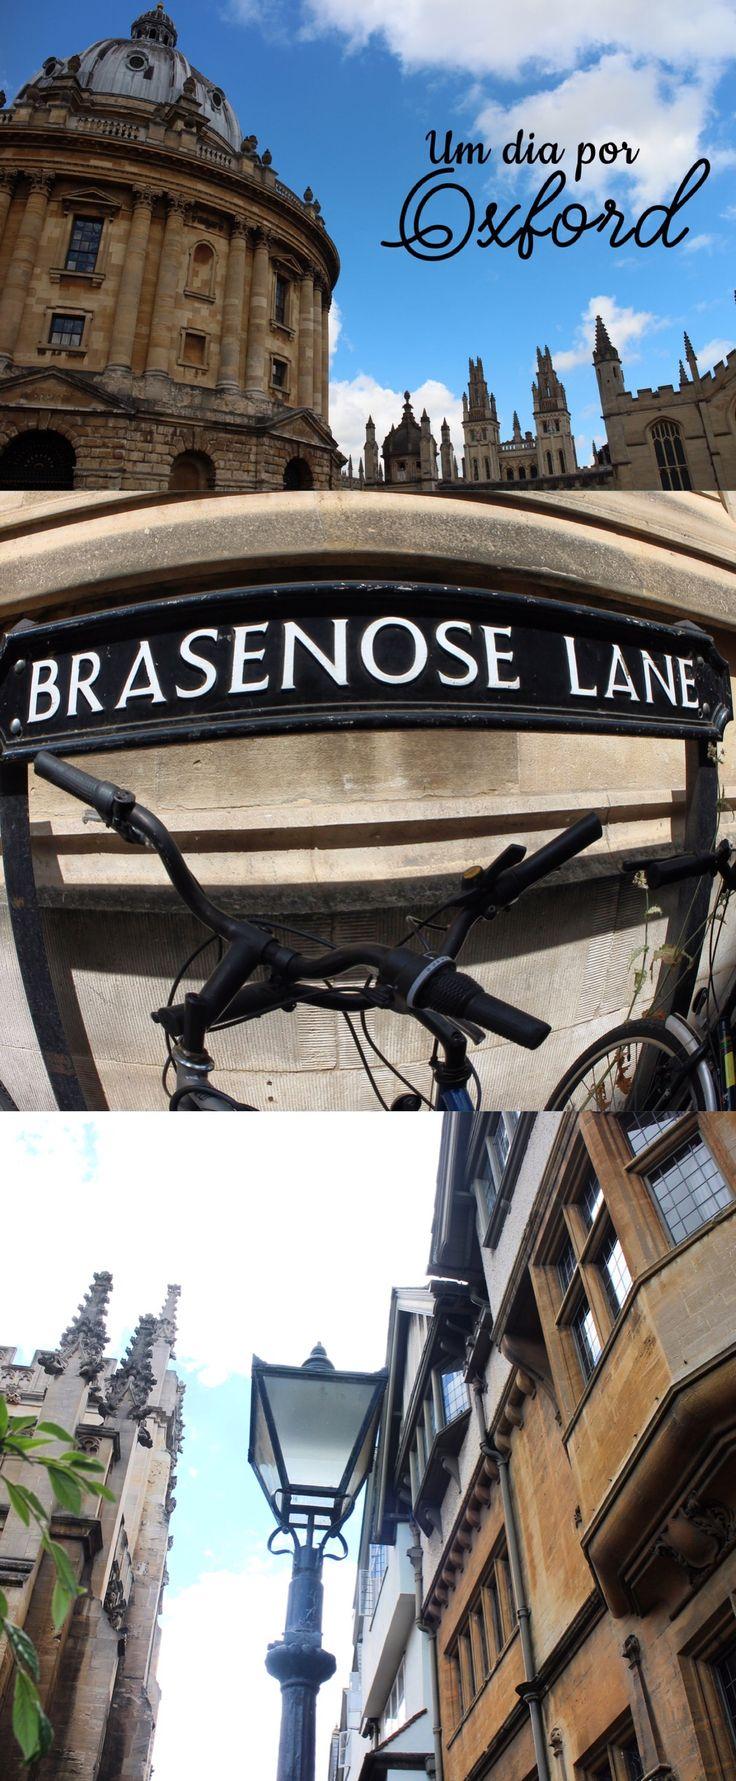 Oxford, uma das cidades mais emblemáticas da Inglaterra!